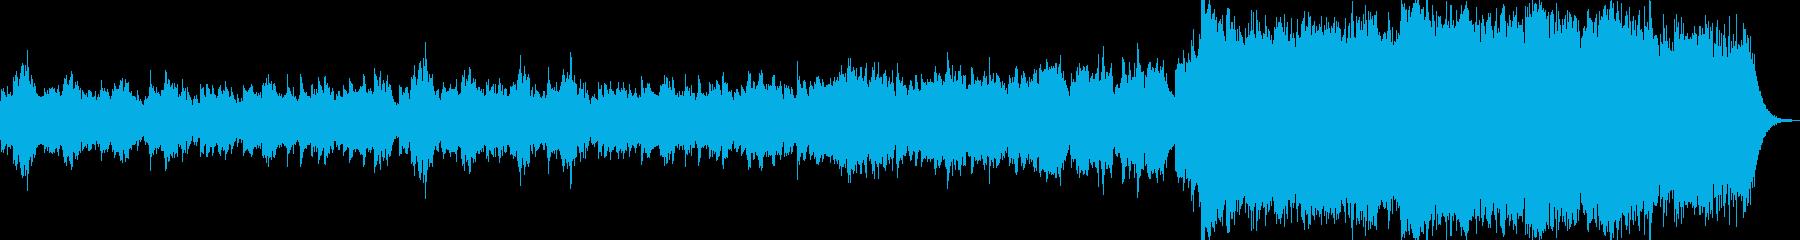 ピアノ、ストリングスの悲しいBGMの再生済みの波形